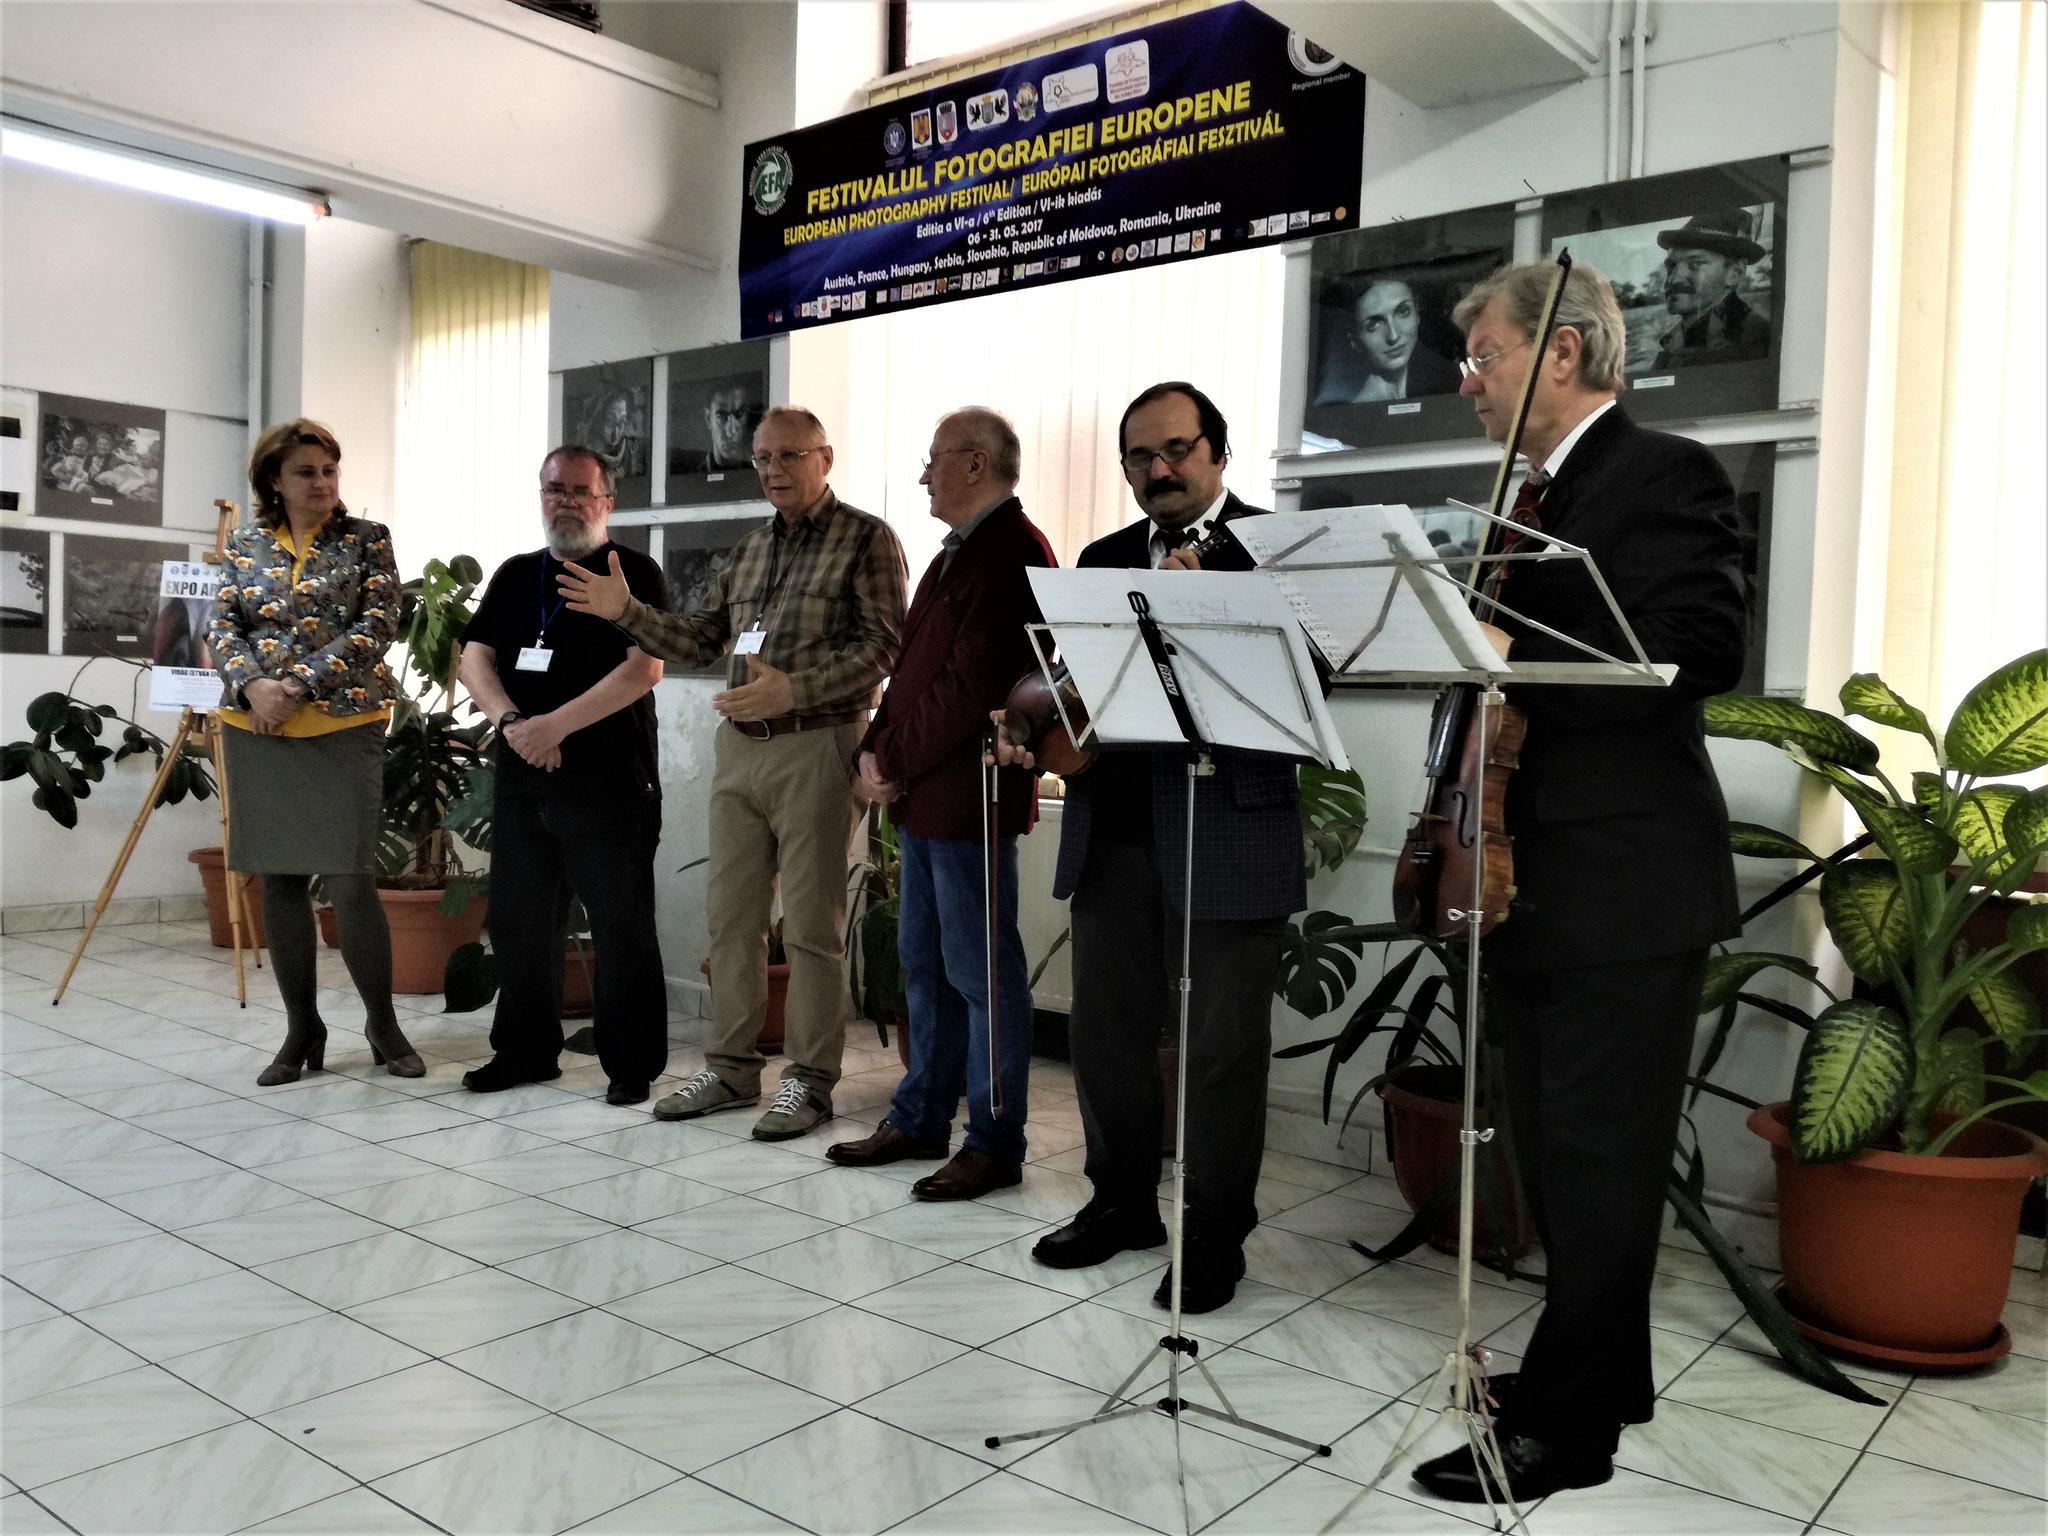 Virág István Zombor-i fotóművész egyéni kiállításának megnyitója